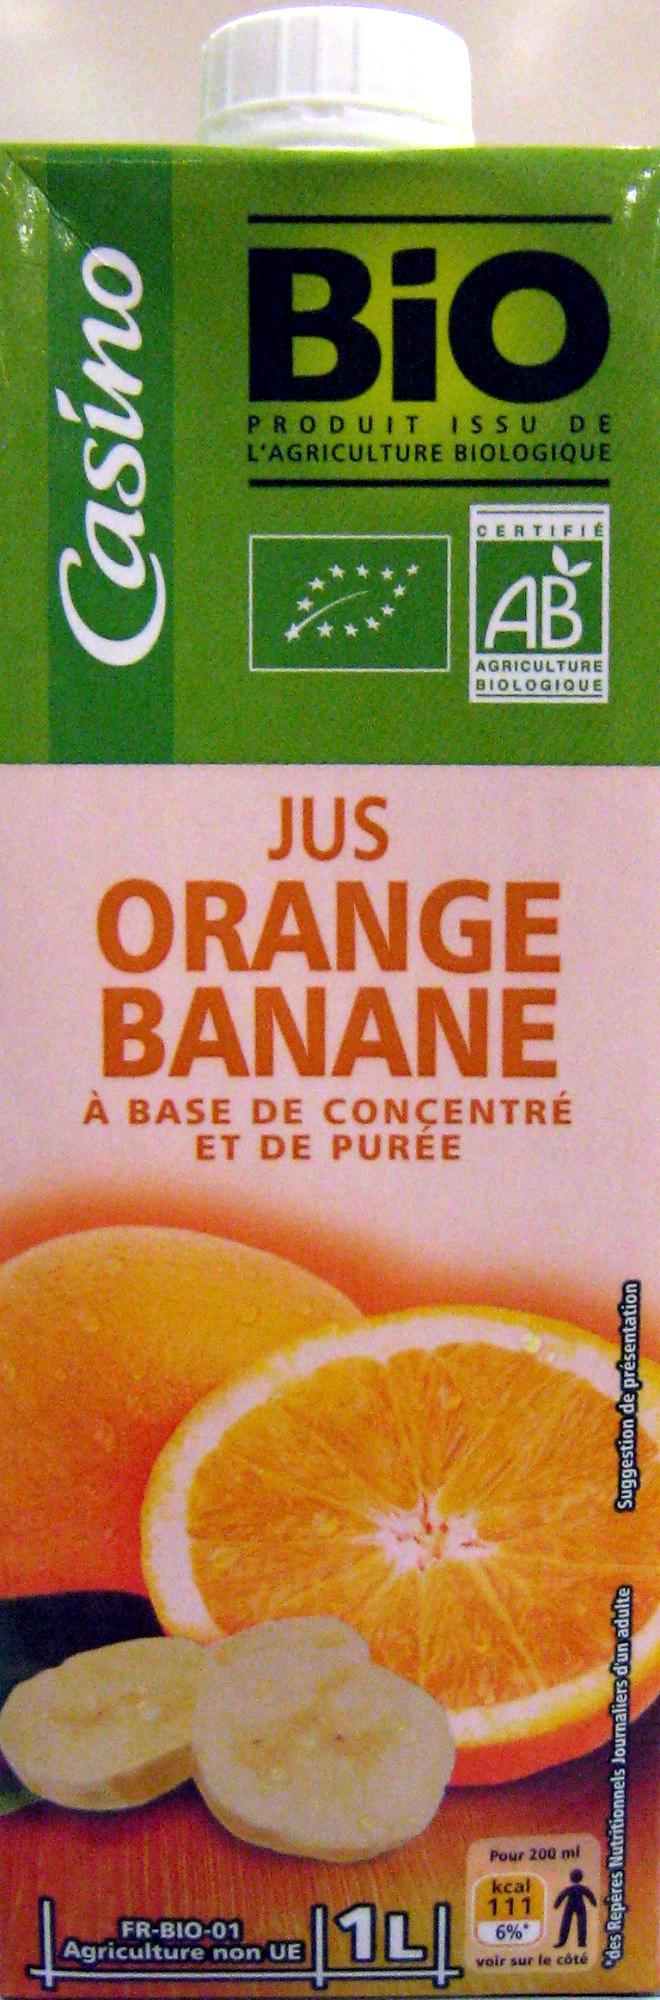 Jus Orange Banane à base de concentré et de purée - Product - fr